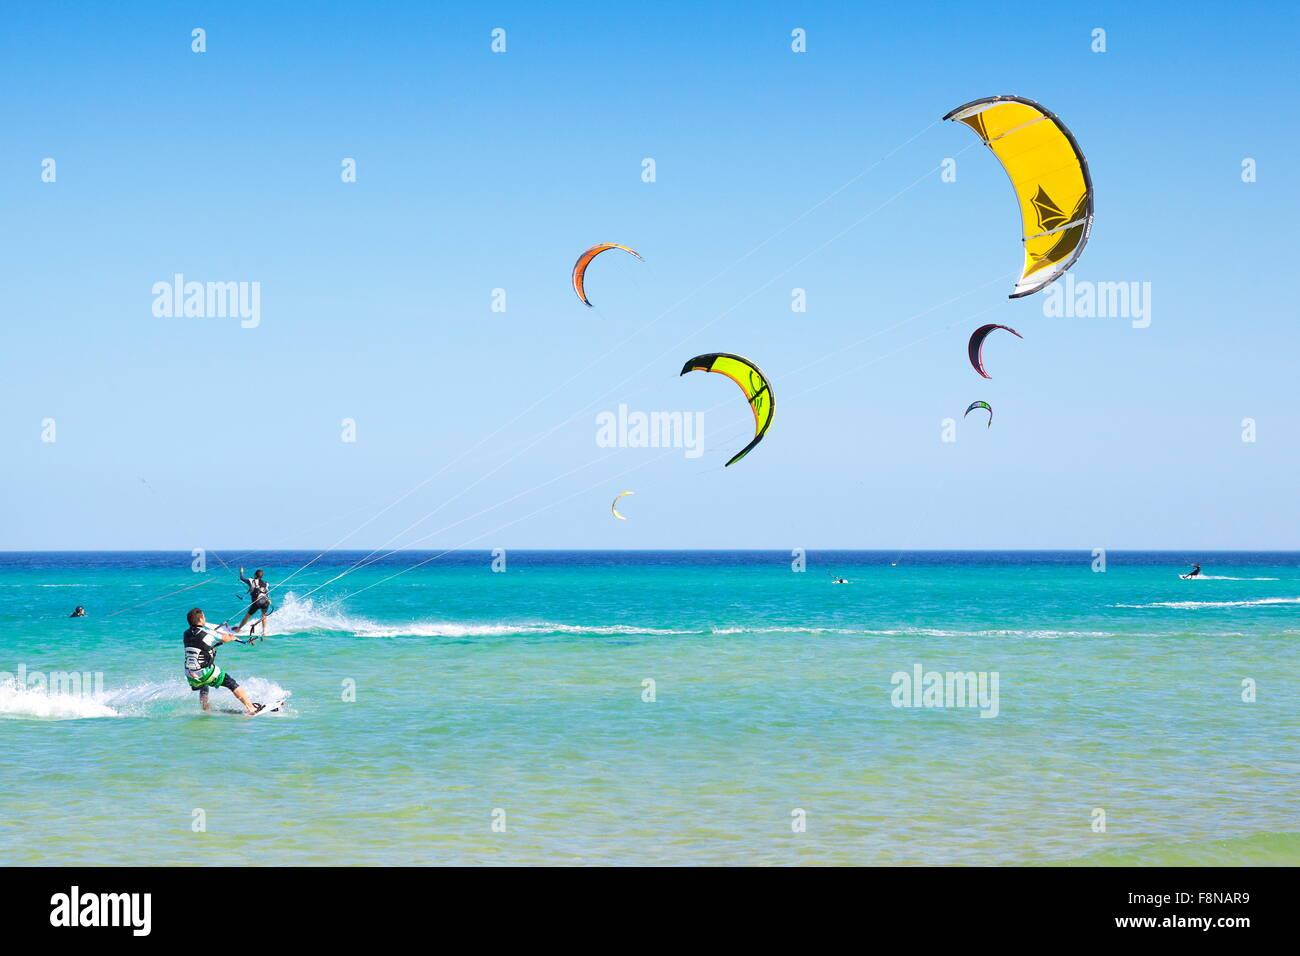 Kanarischen Inseln, Fuerteventura Island, Kitesurfen am Strand in der Nähe von Costa Calma, Spanien Stockbild